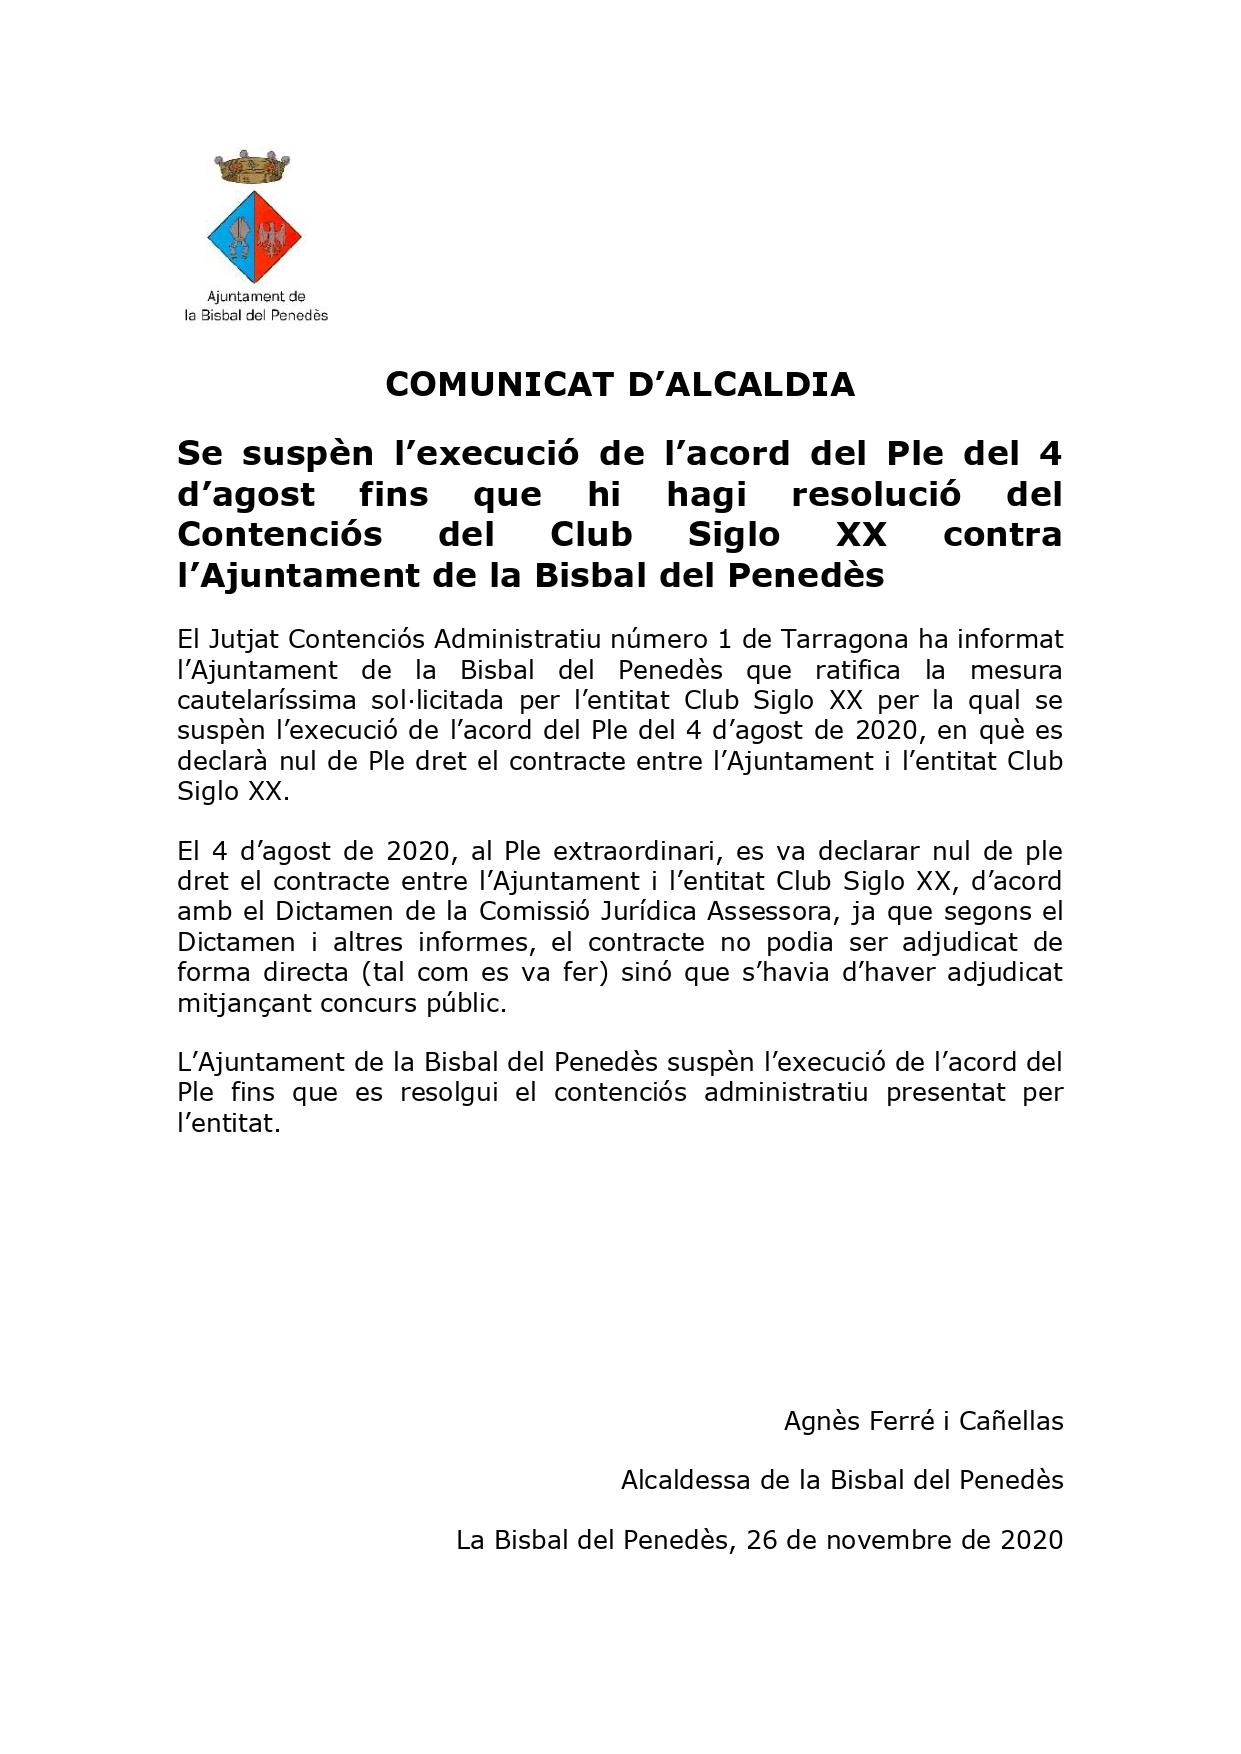 COMUNICAT D'ALCALDIA – Se suspèn l'execució de l'acord del Ple del 4 d'agost fins que hi hagi resolució del Contenciós del Club Siglo XX contra l'Ajuntament de la Bisbal